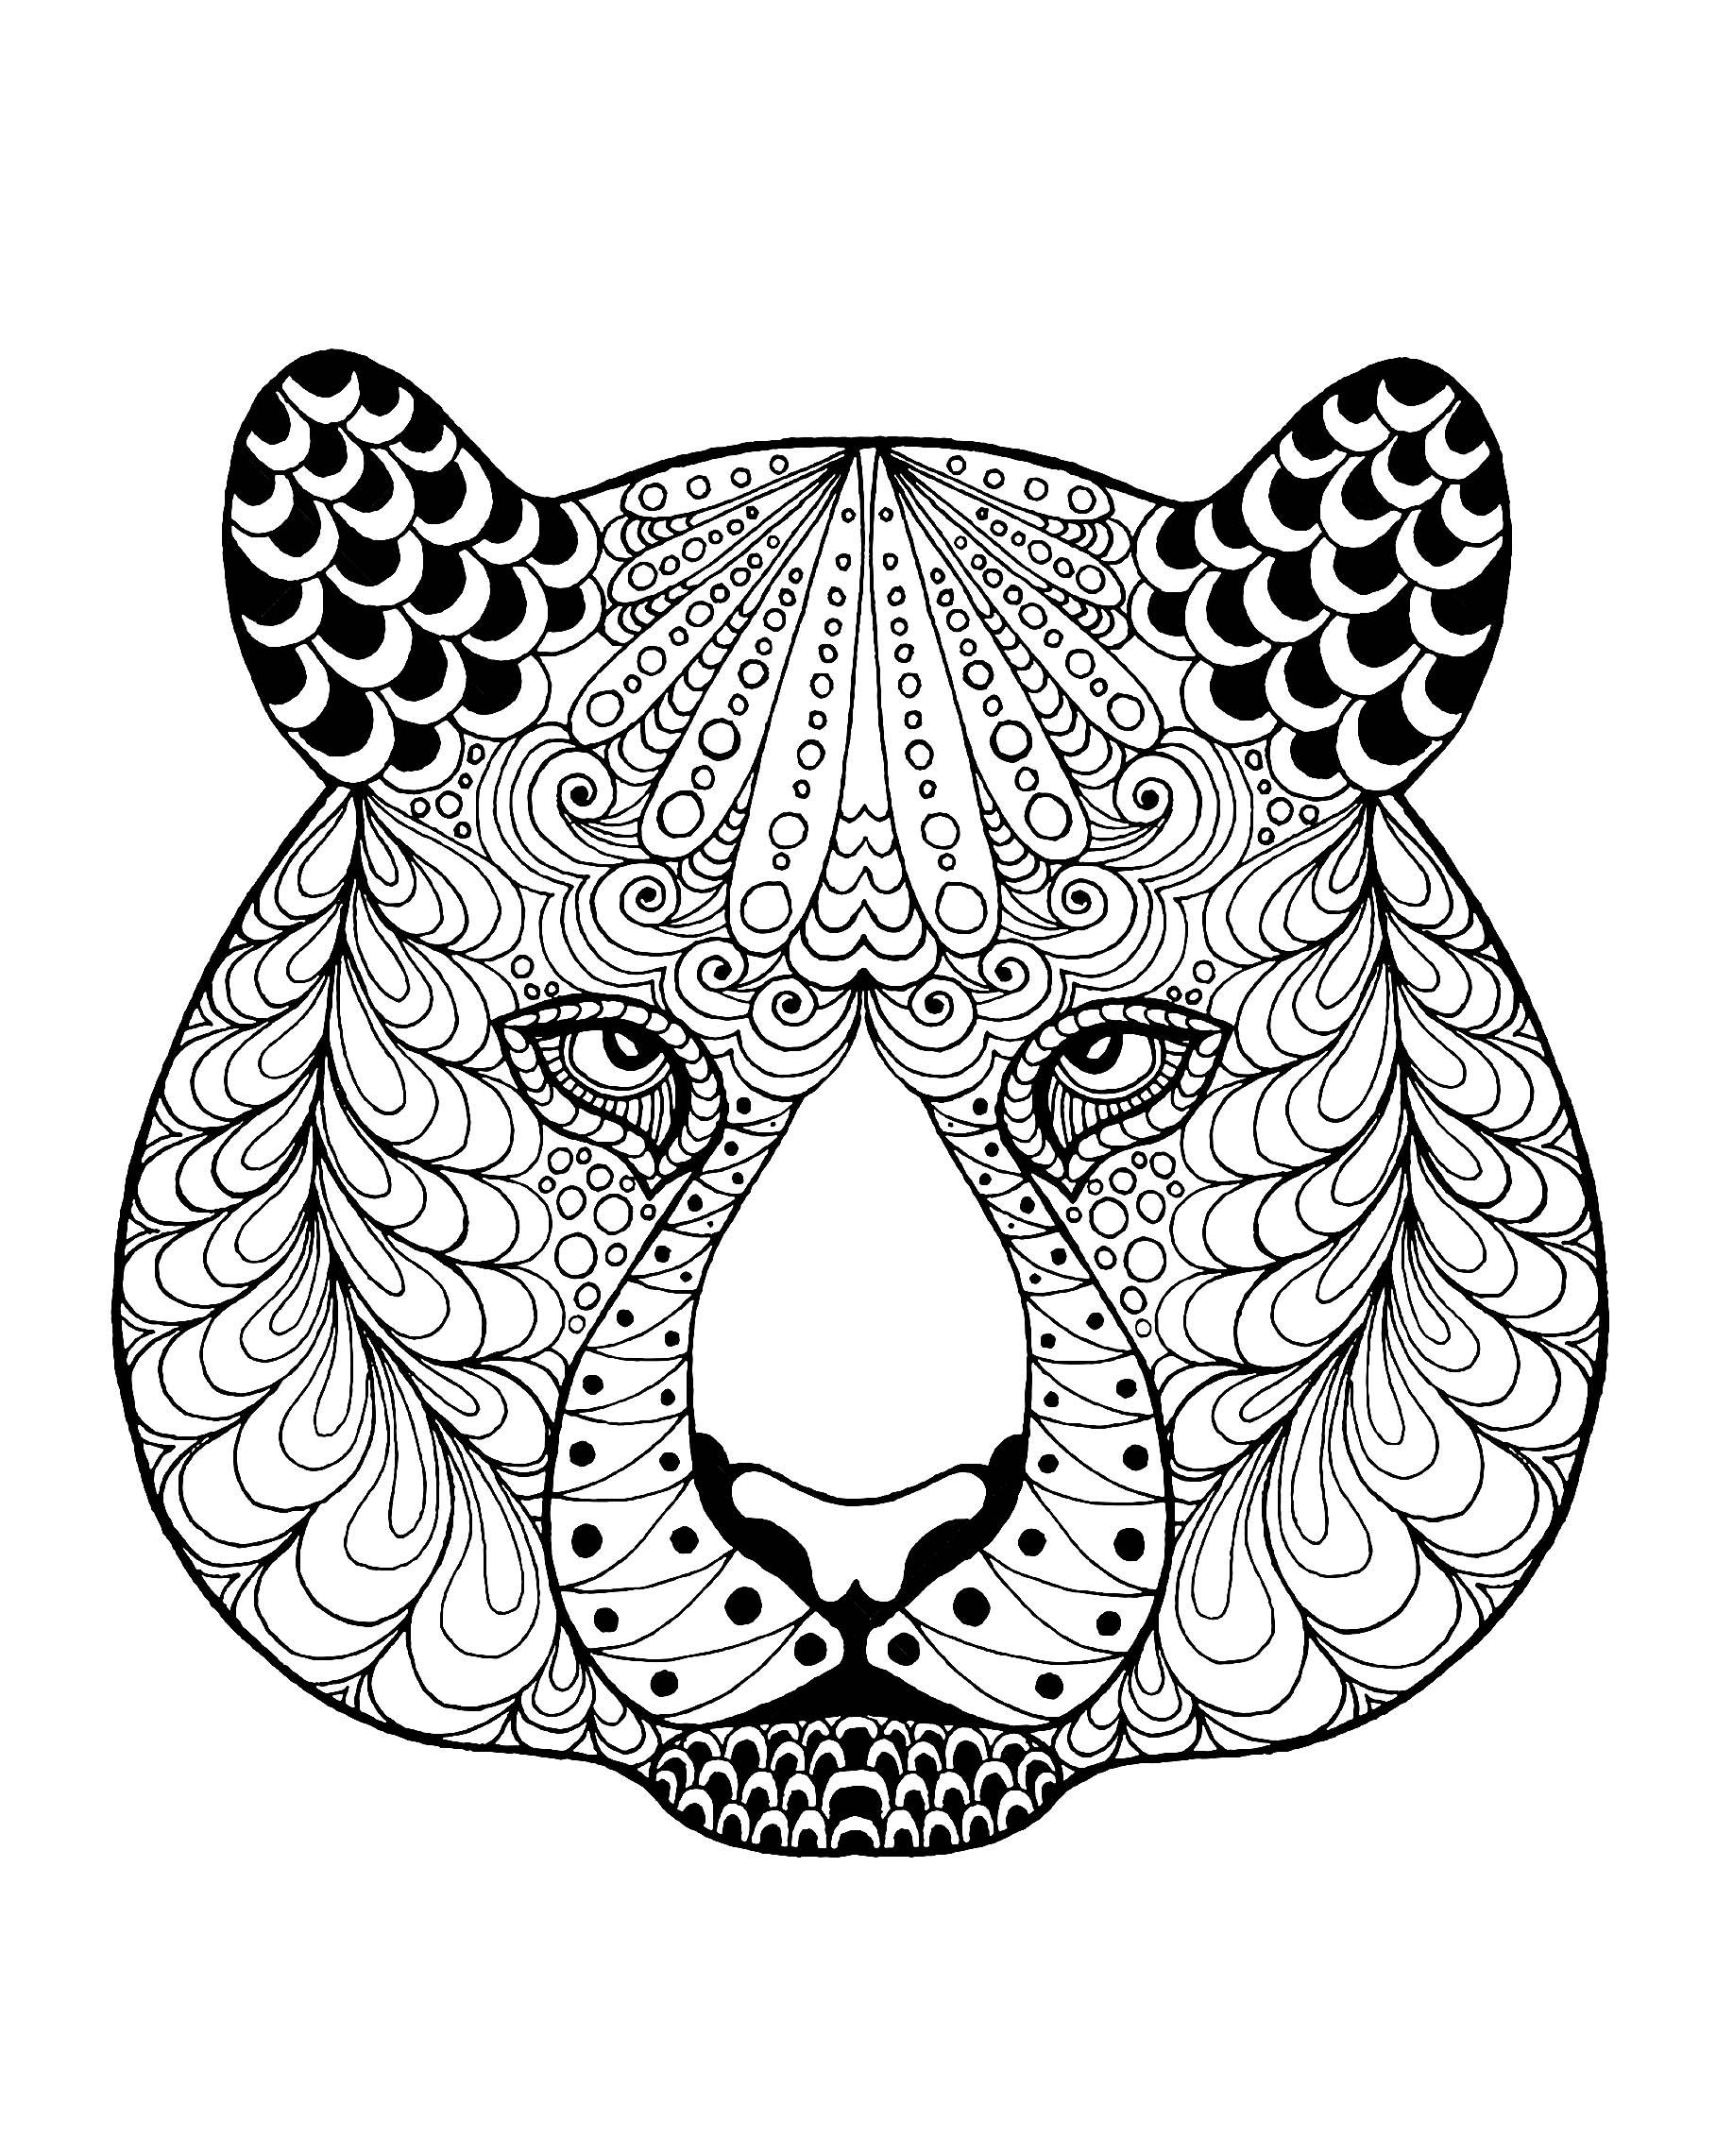 Tete de tigre et motifs tigres coloriages difficiles - Mandalas de tigres ...